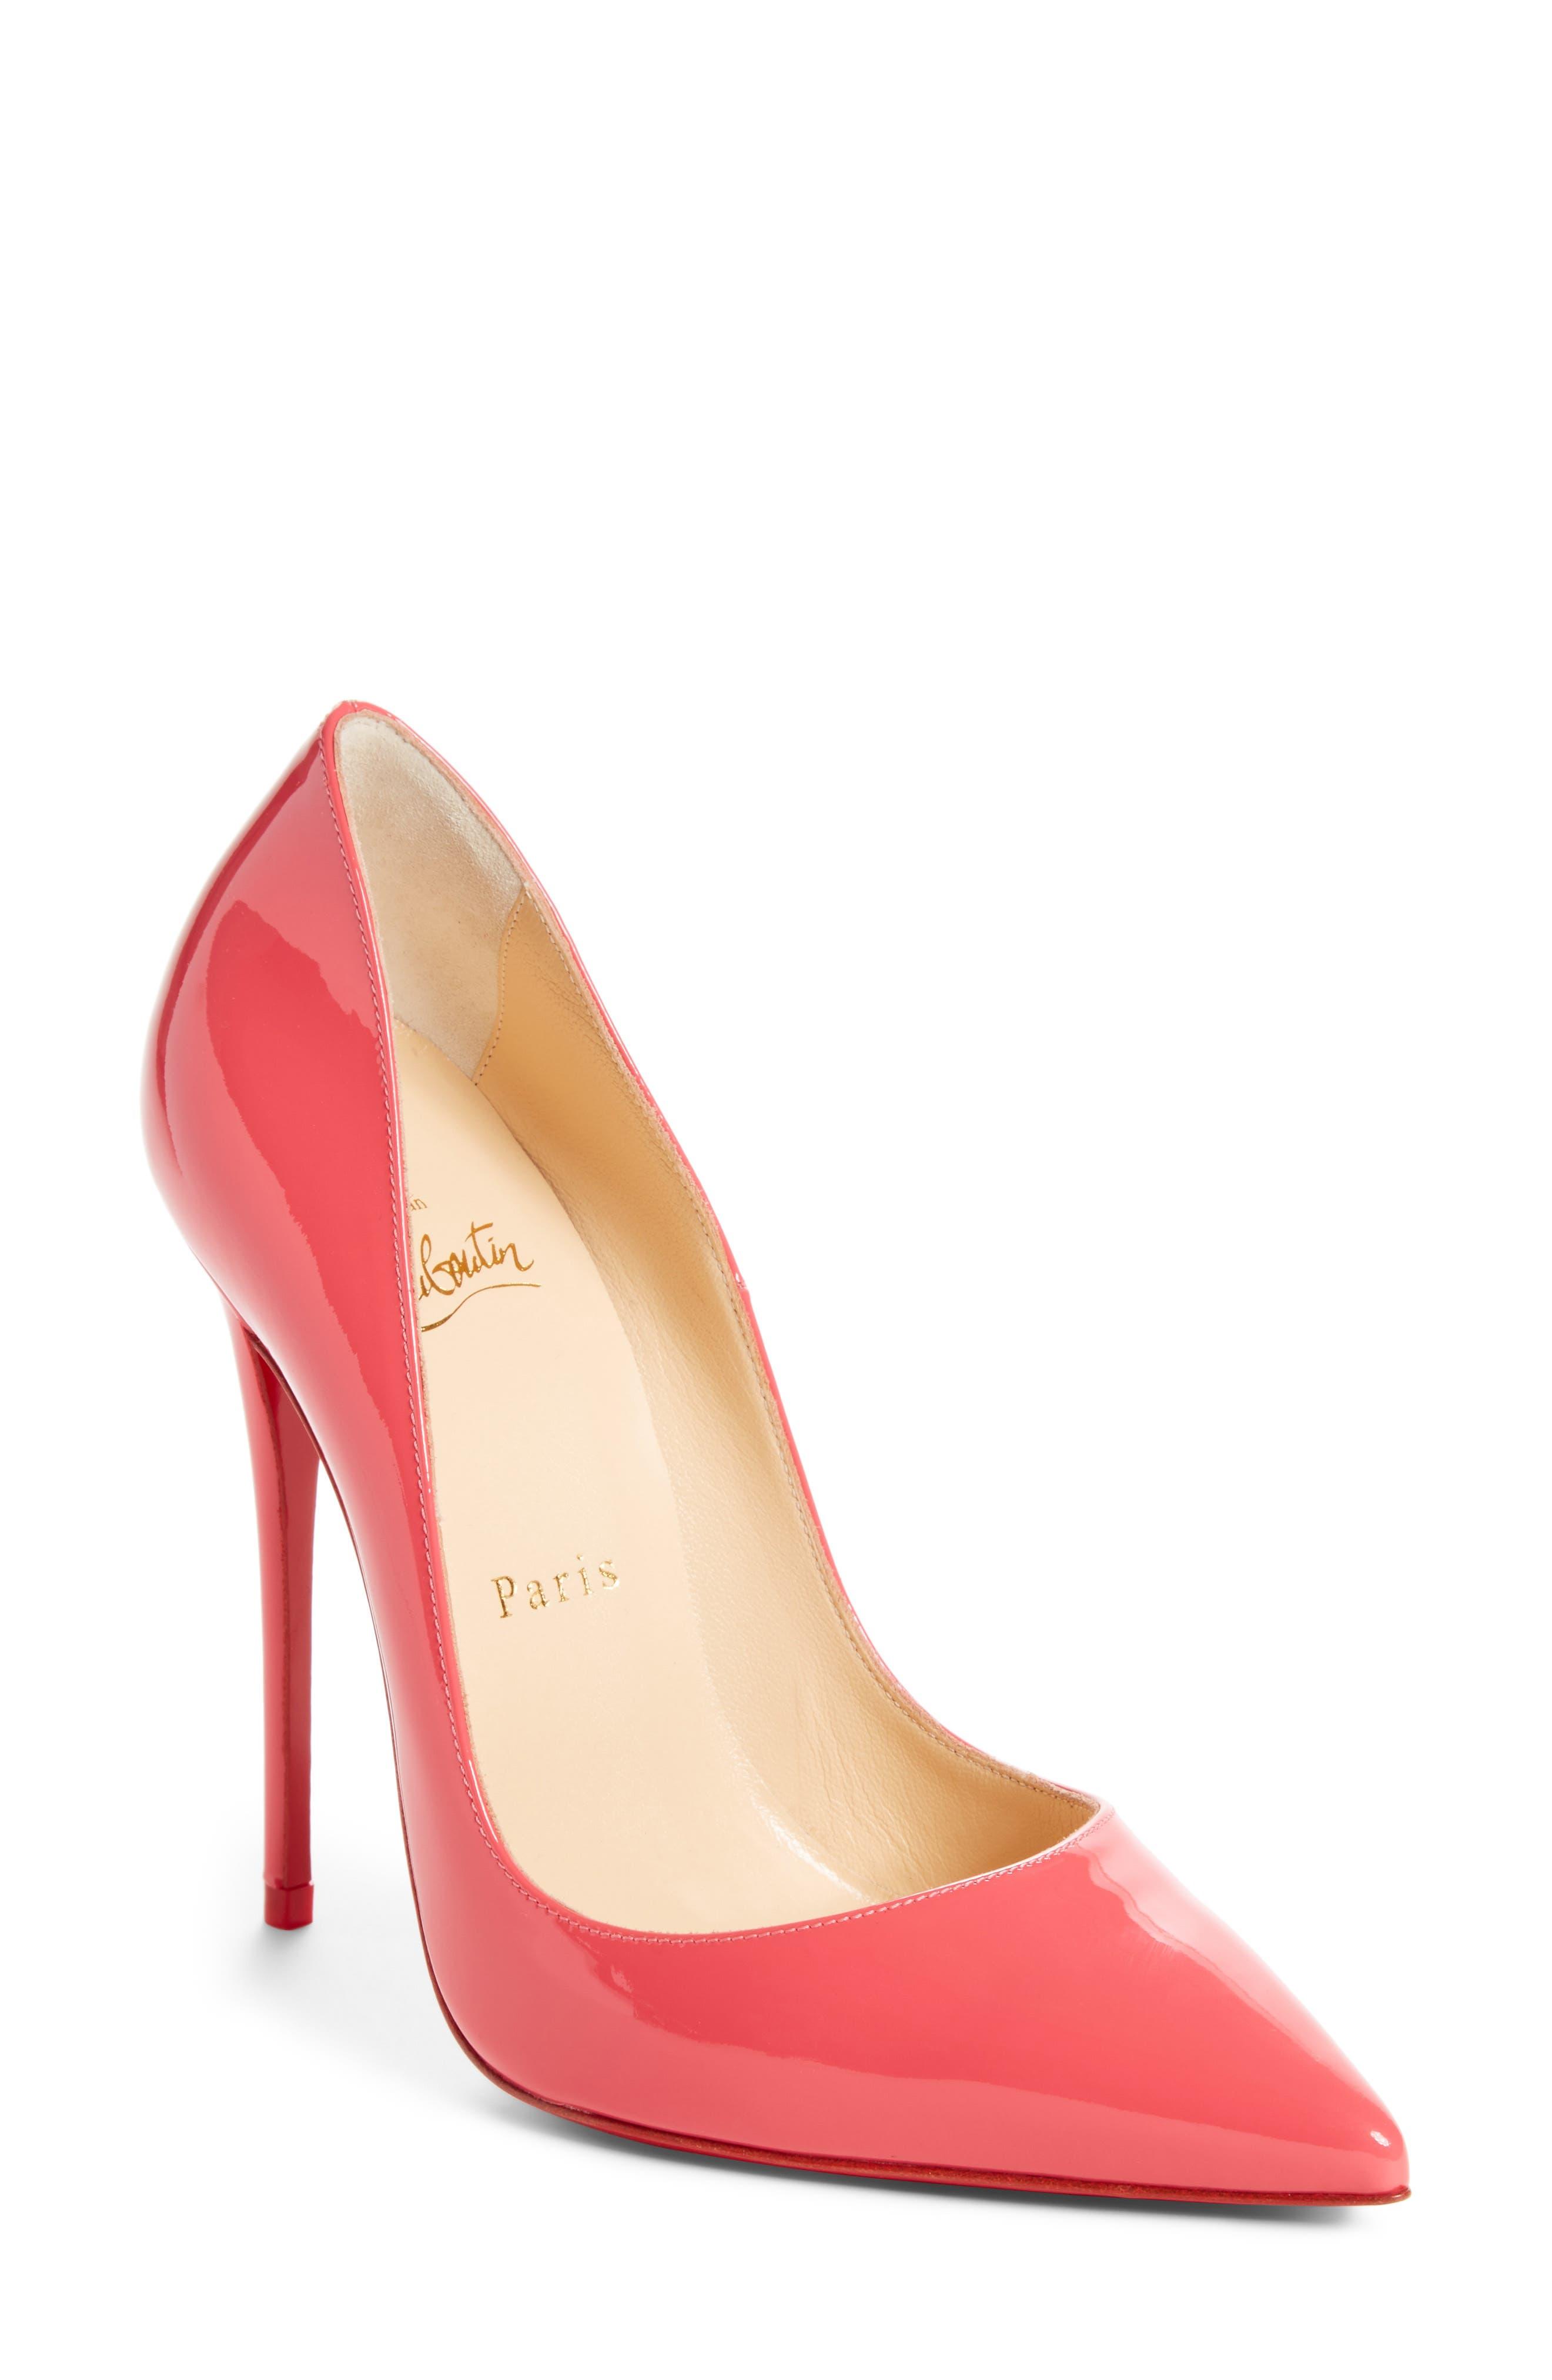 Womens High Heel Pumps WBU0zNnd